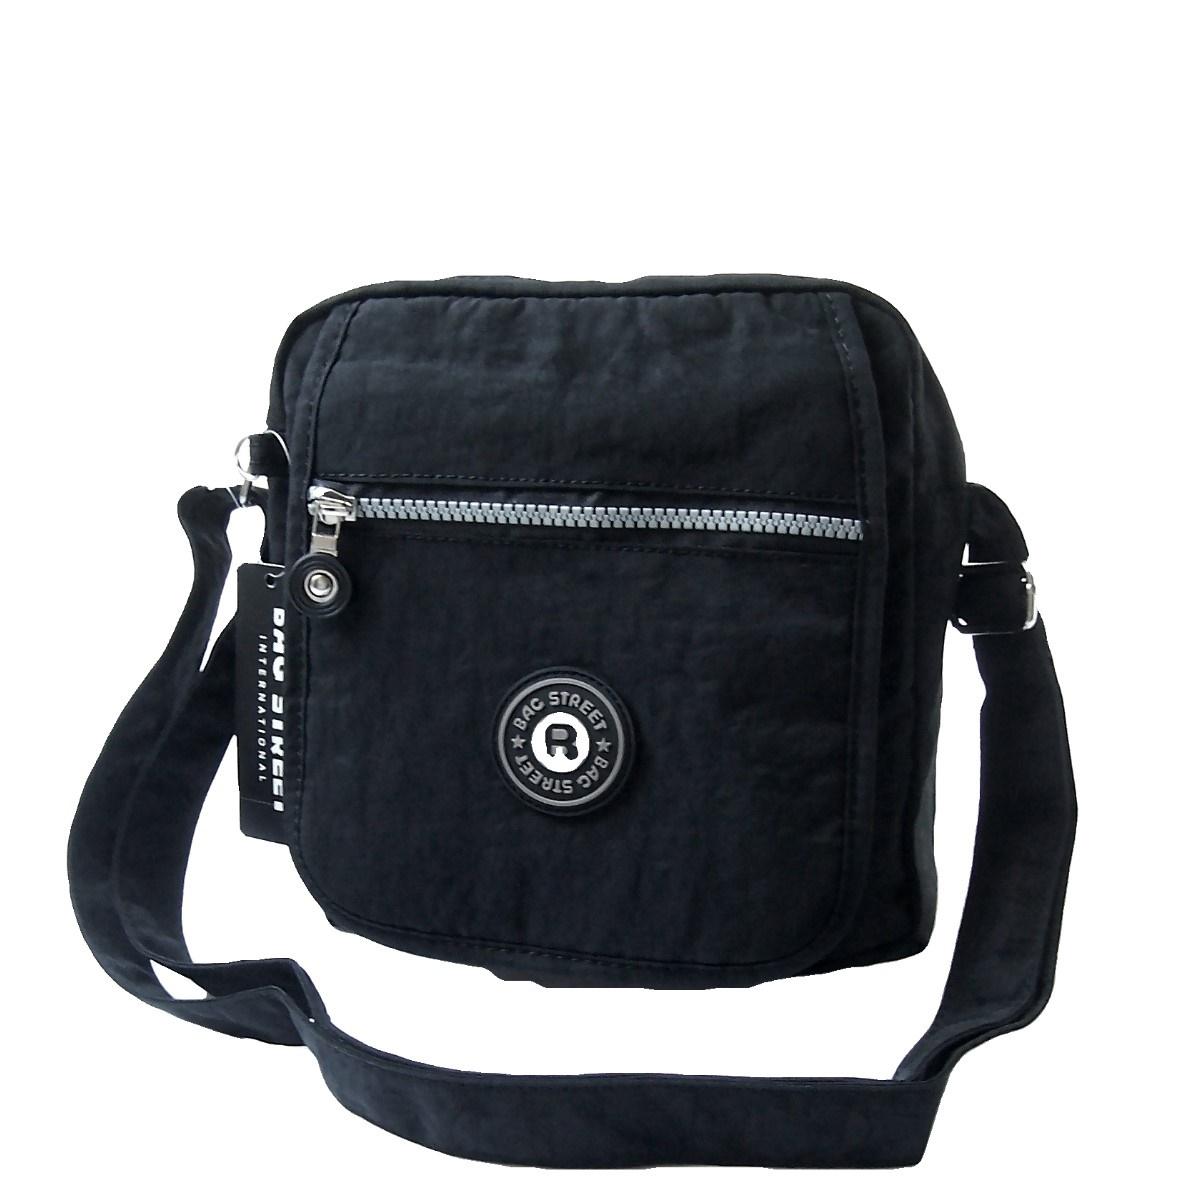 Tasche Umhängetasche Handtasche Bag Street Nylon Schwarz Ta5205